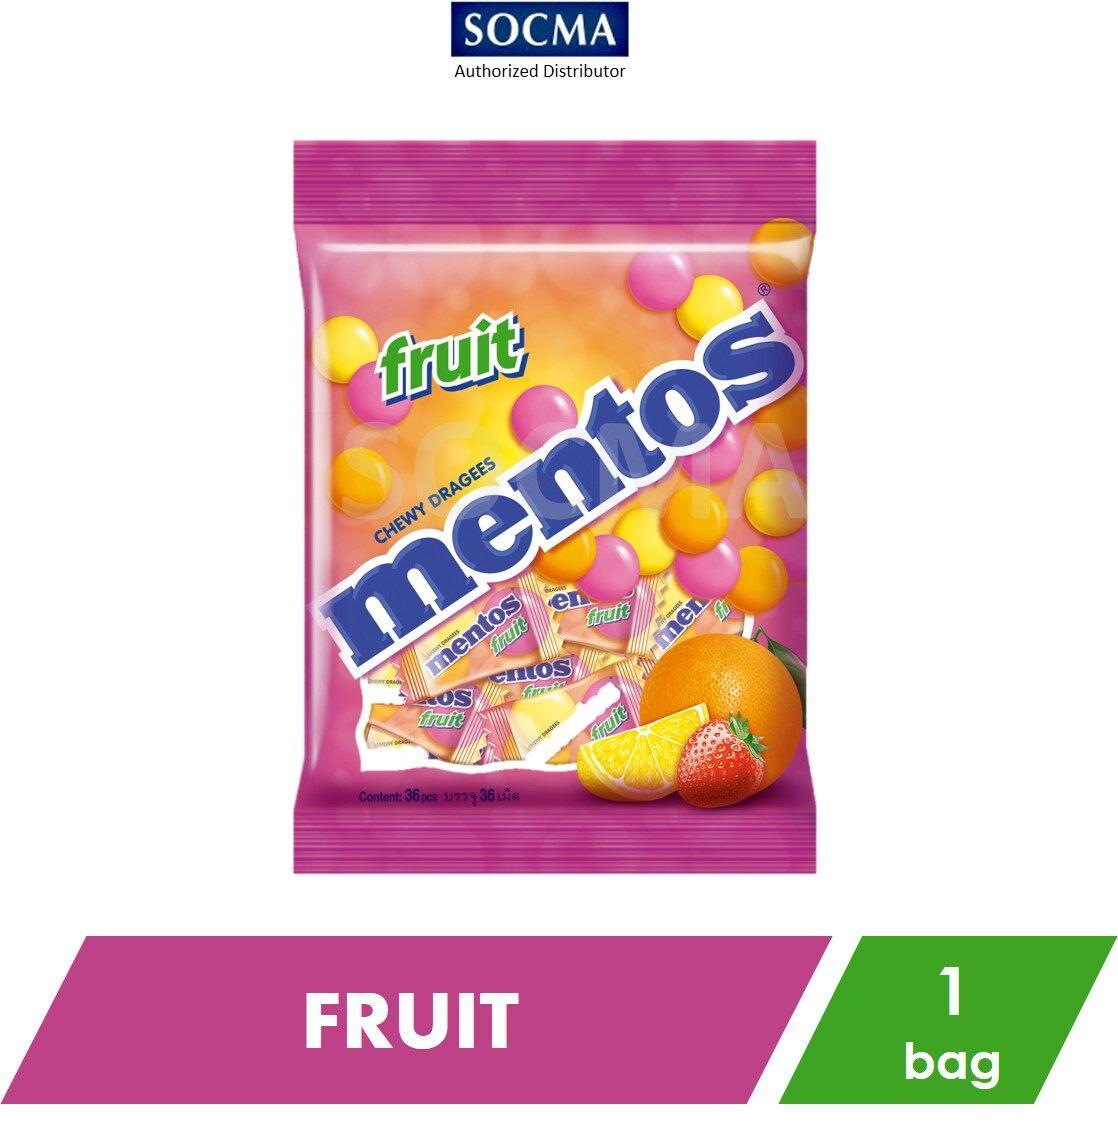 Mentos Pillow Pack Bag Fruit 36s [1]